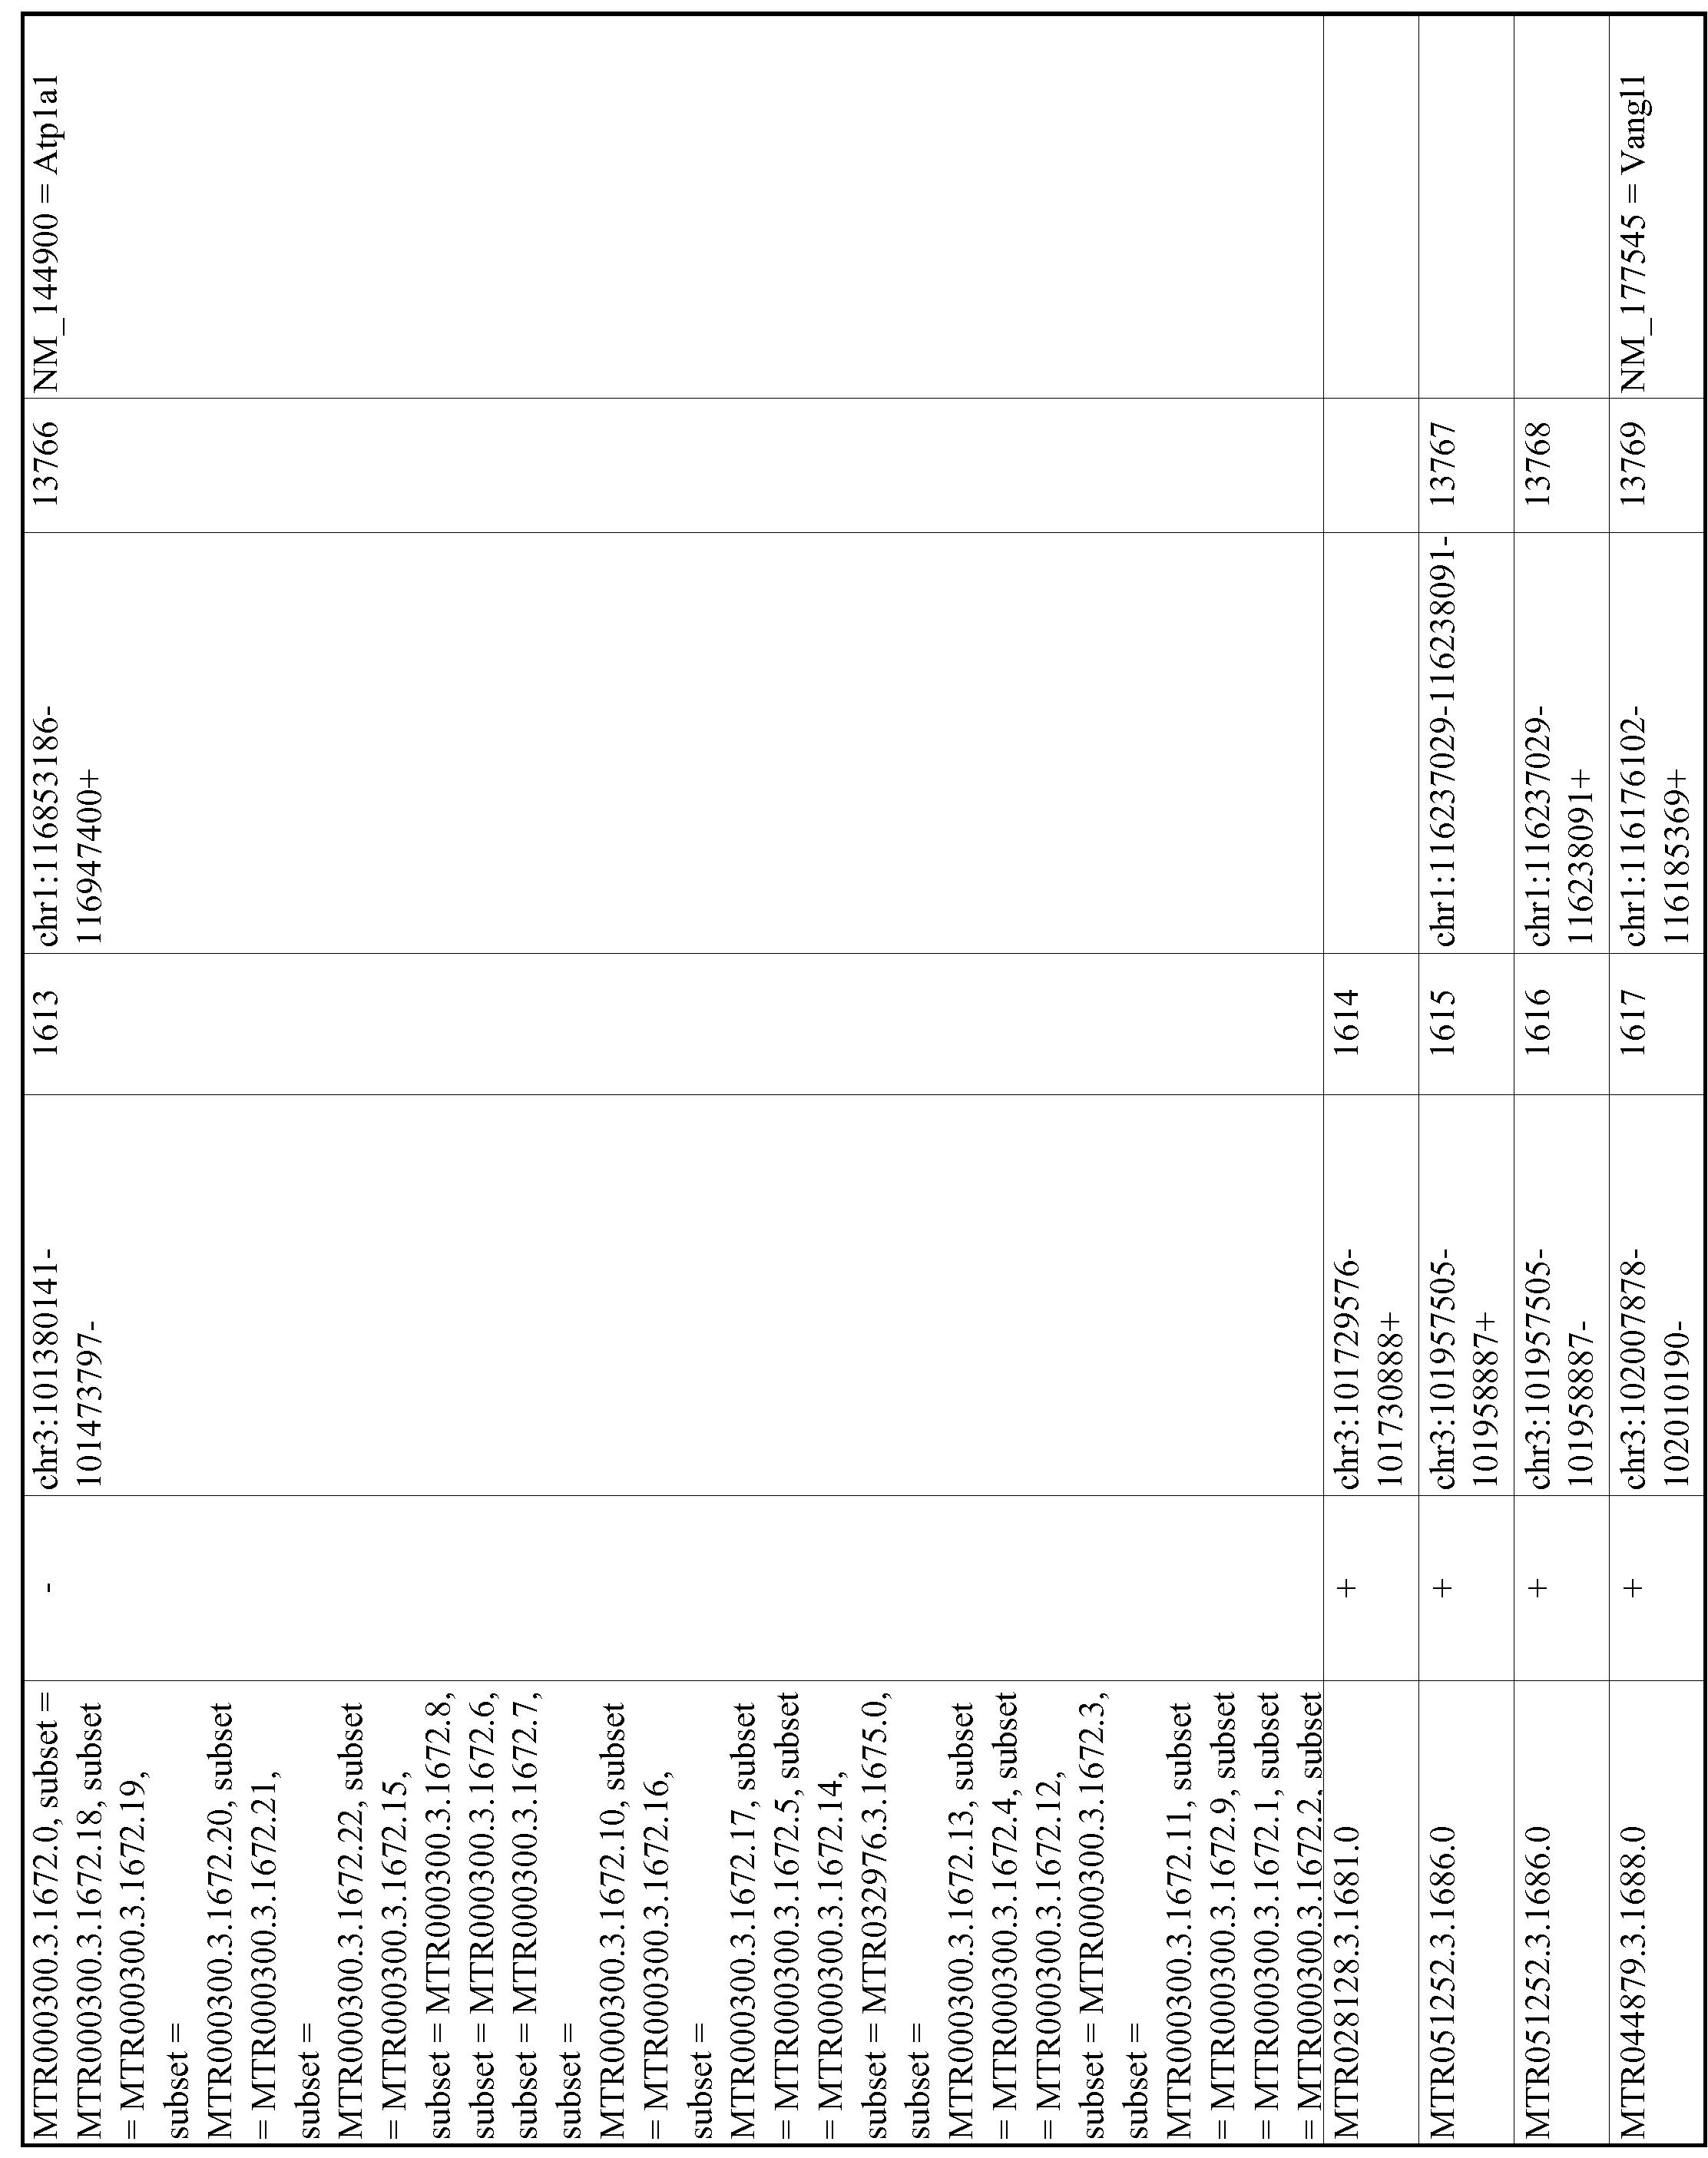 Figure imgf000410_0001